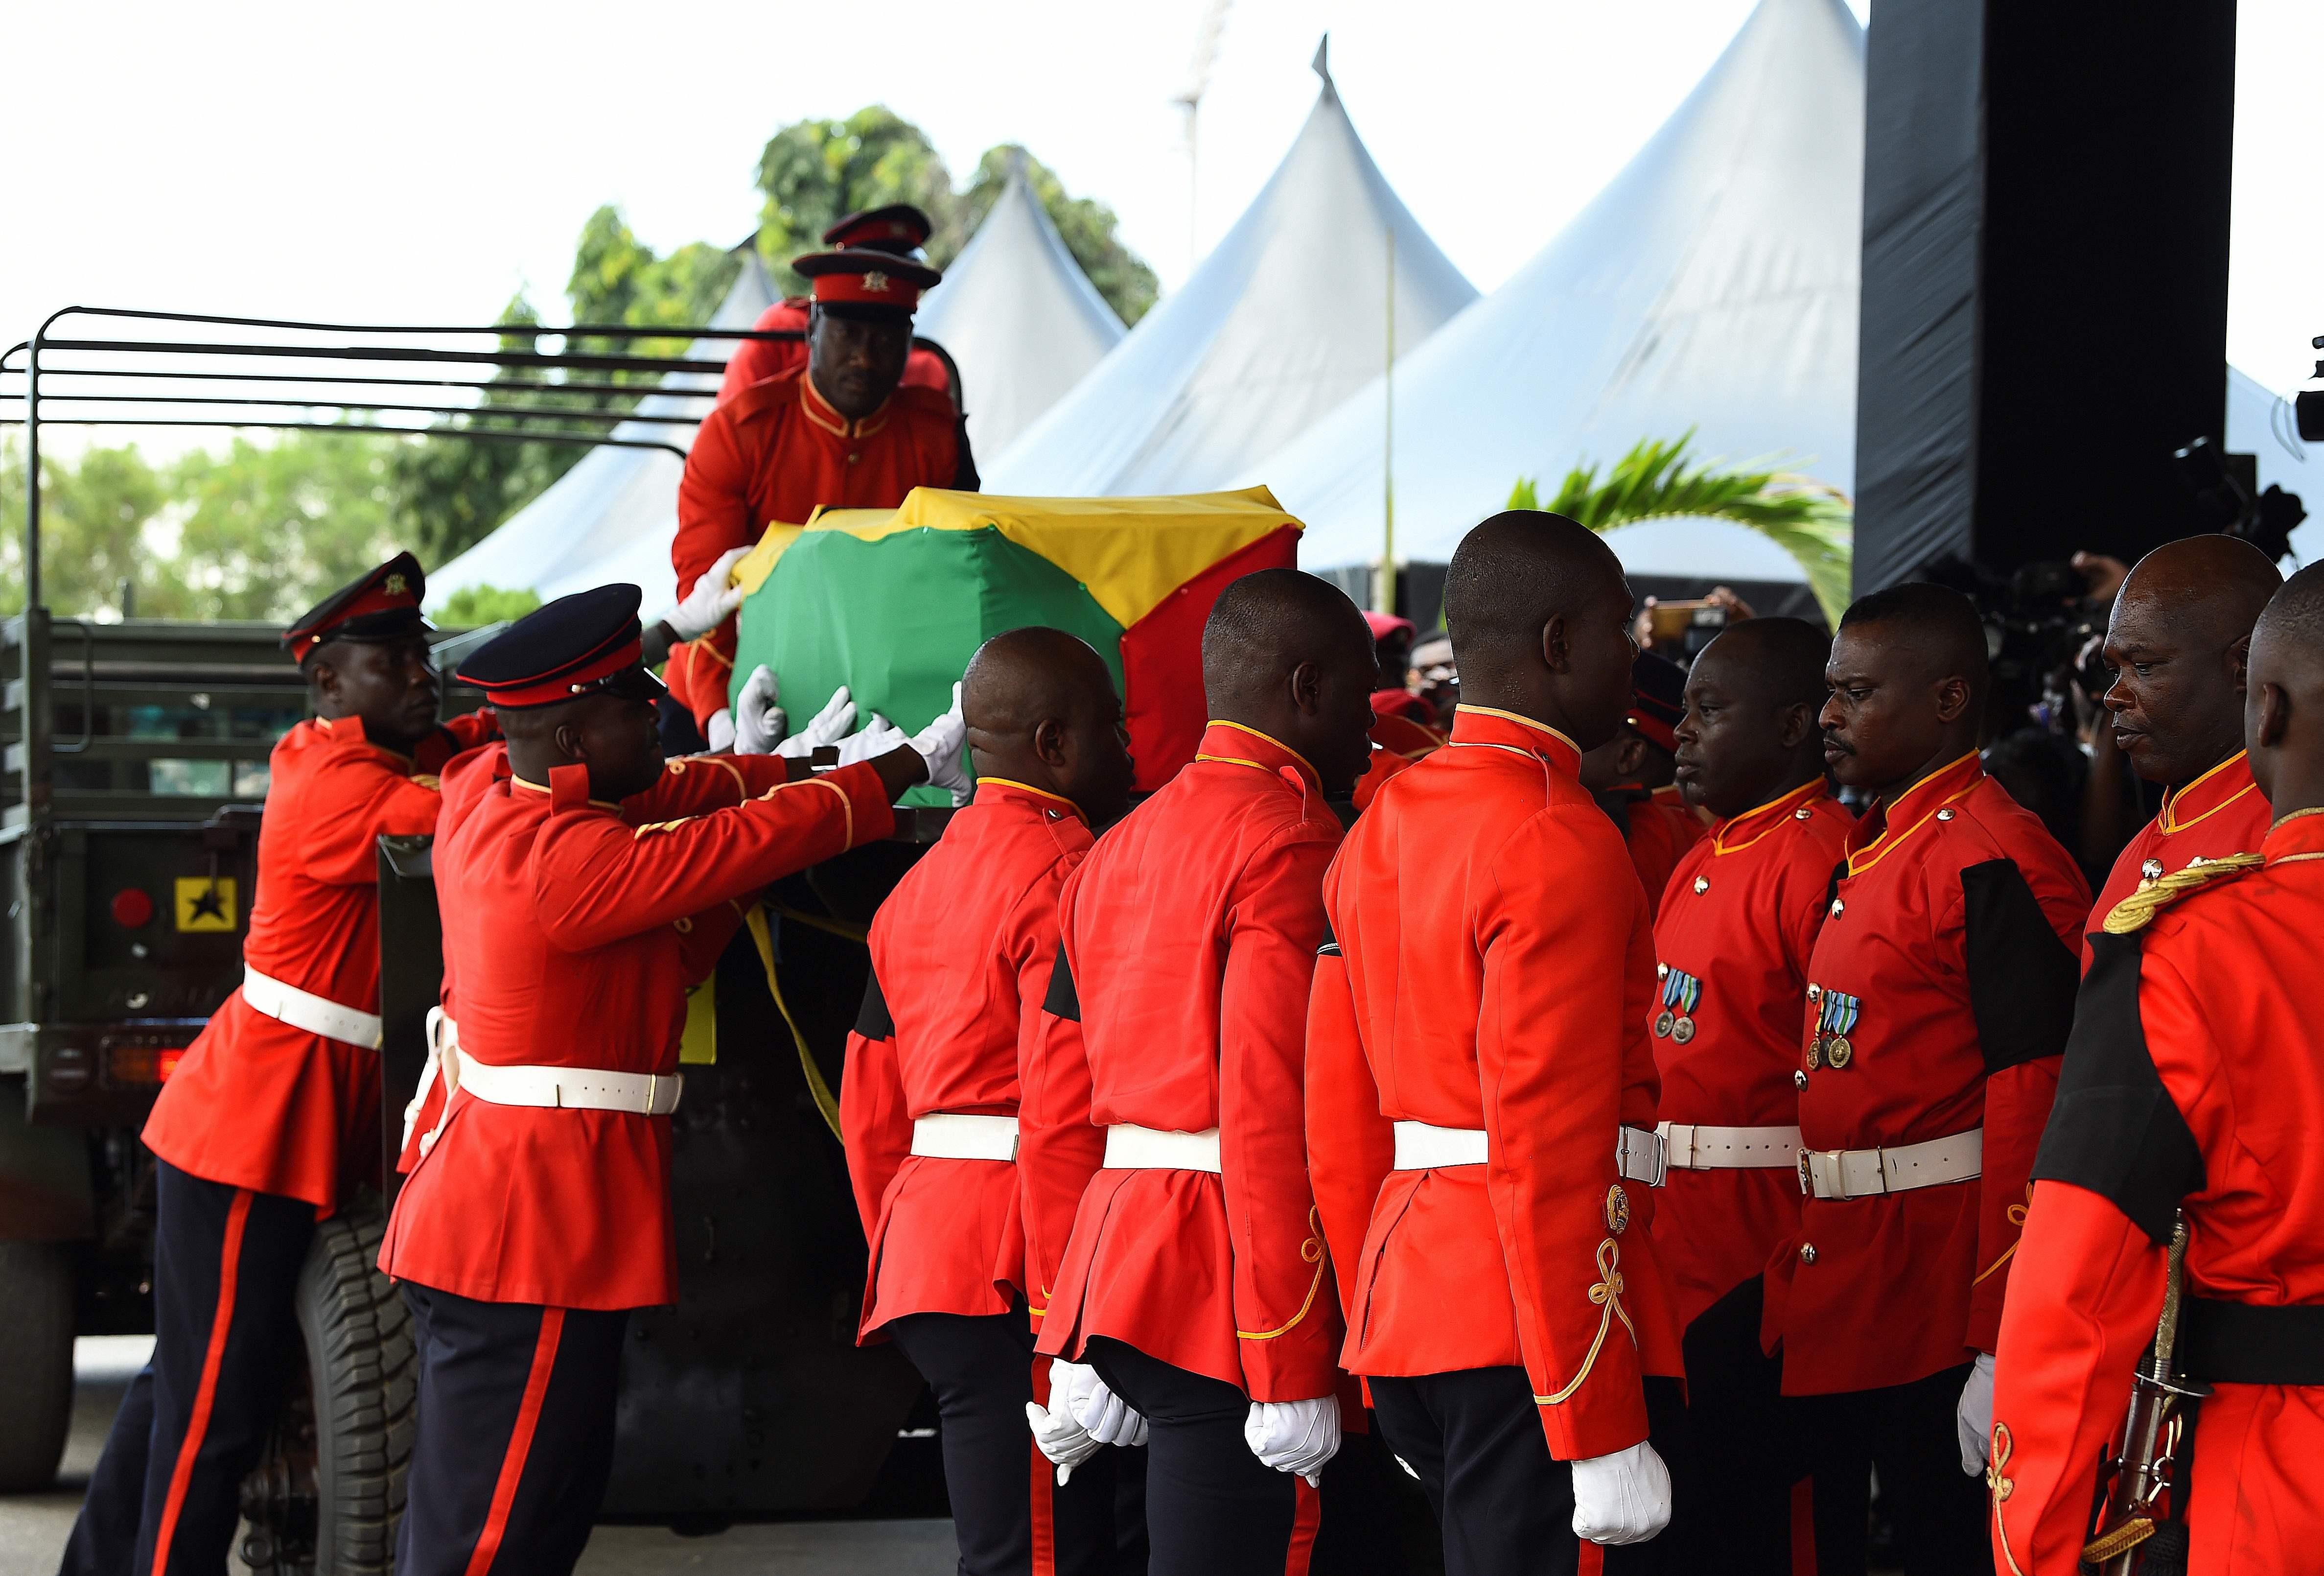 مراسم رسمية لتشيع جثمان كوفى عنان